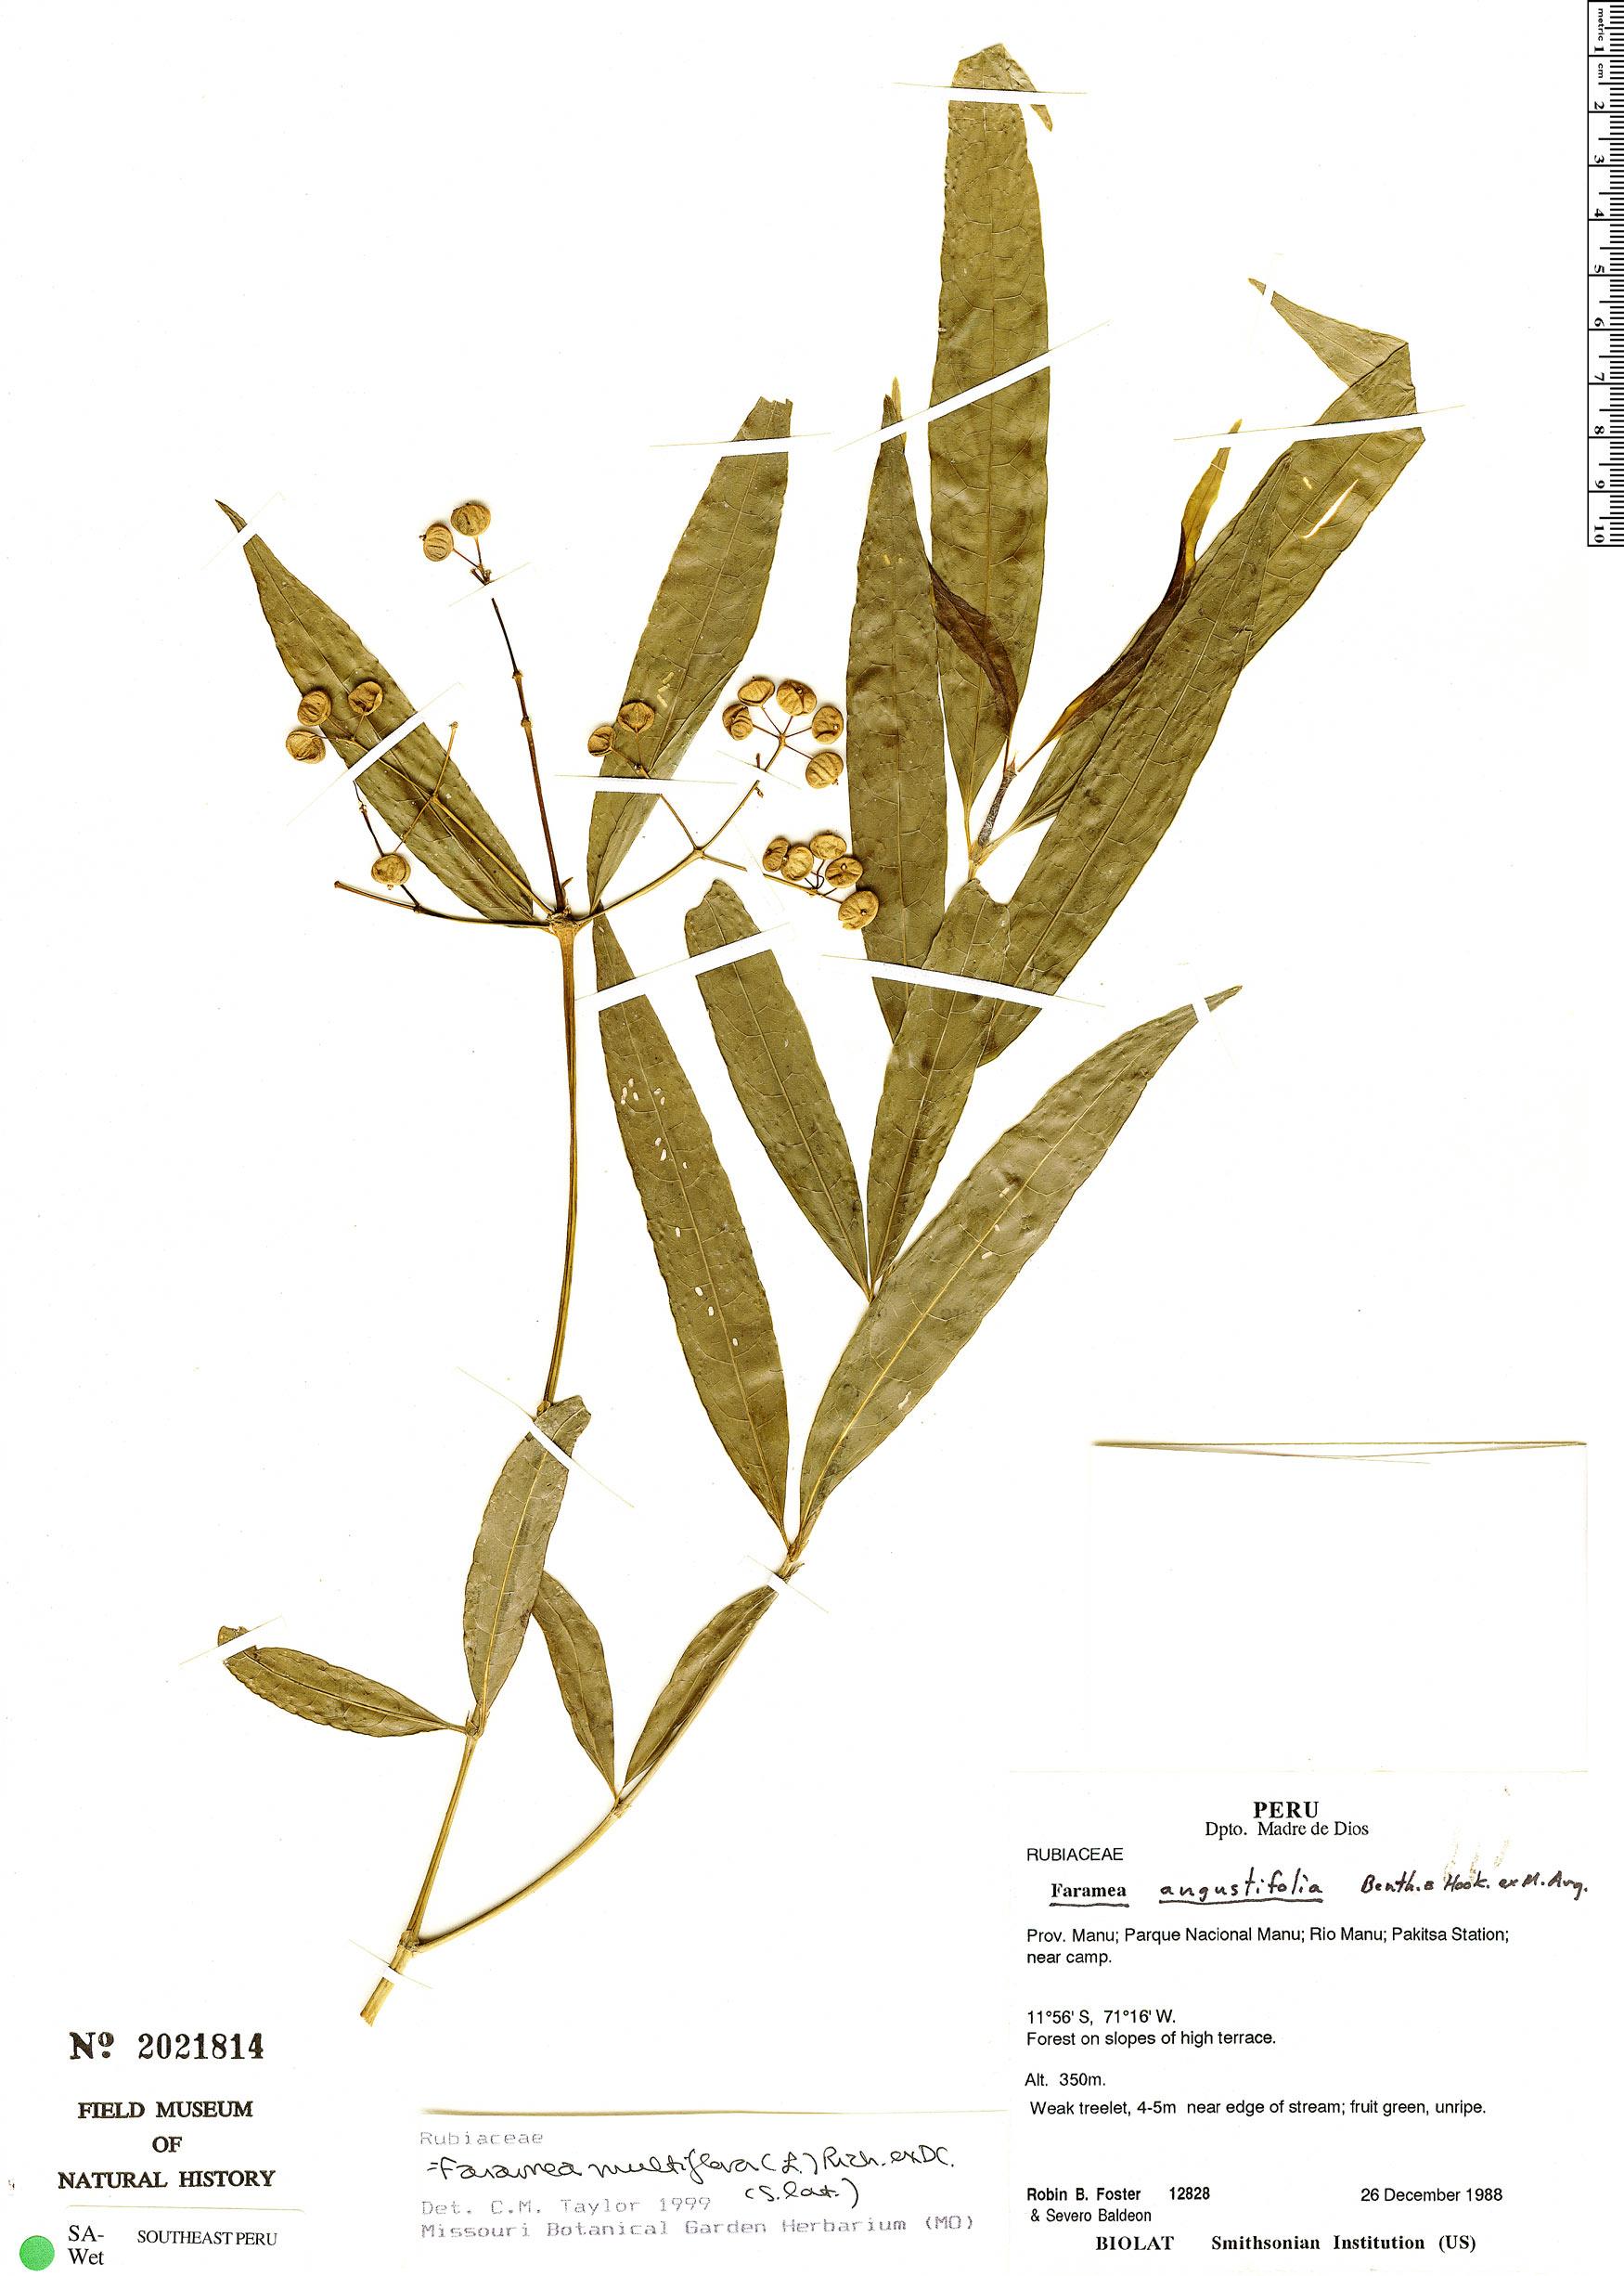 Specimen: Faramea multiflora